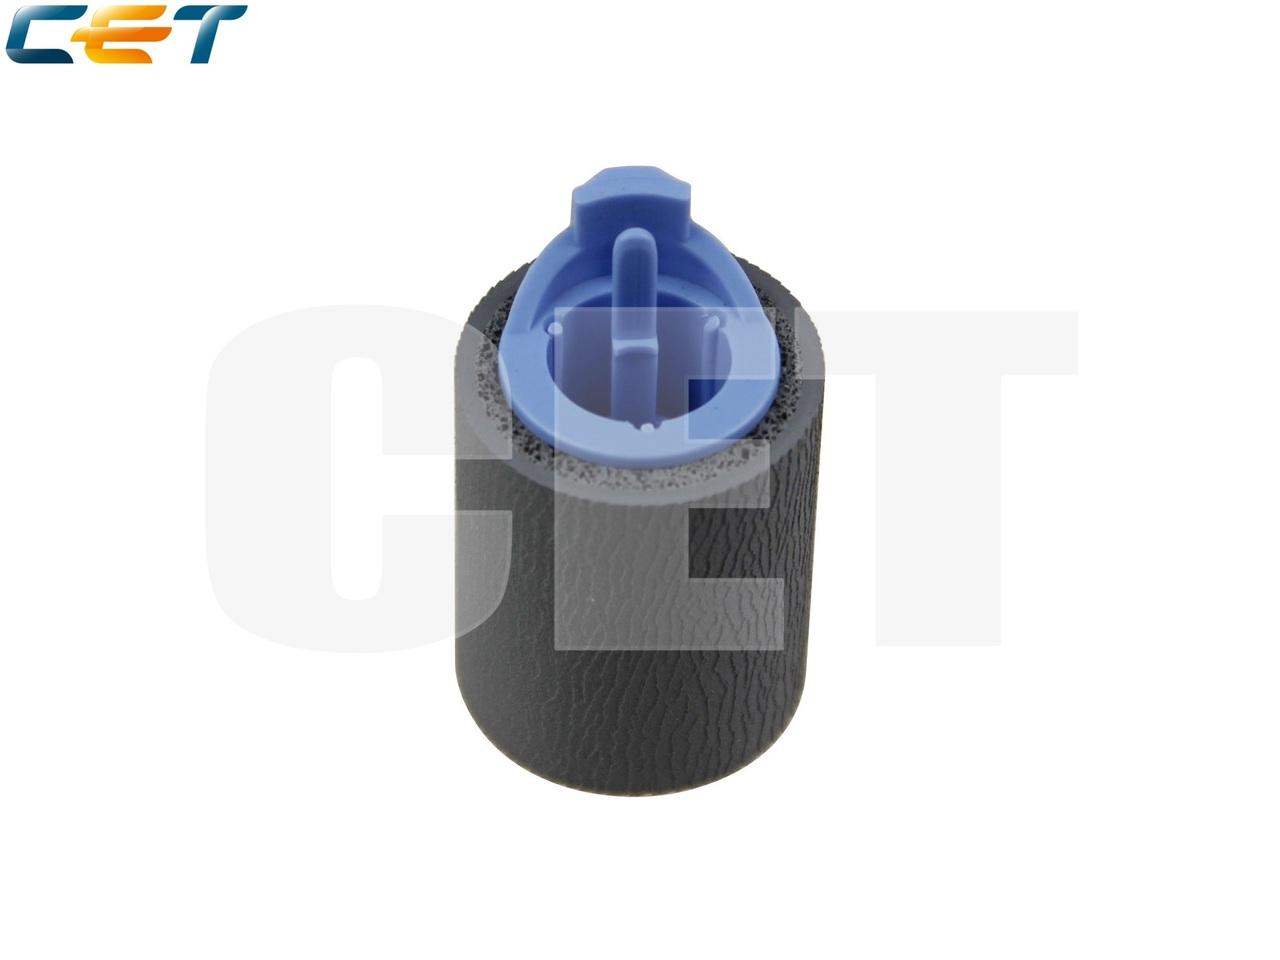 Ролик подачи RM1-0037-000 для HP LaserJet4200/4300/4250/4350/5200, M604/M605/M606 (CET), CET1066